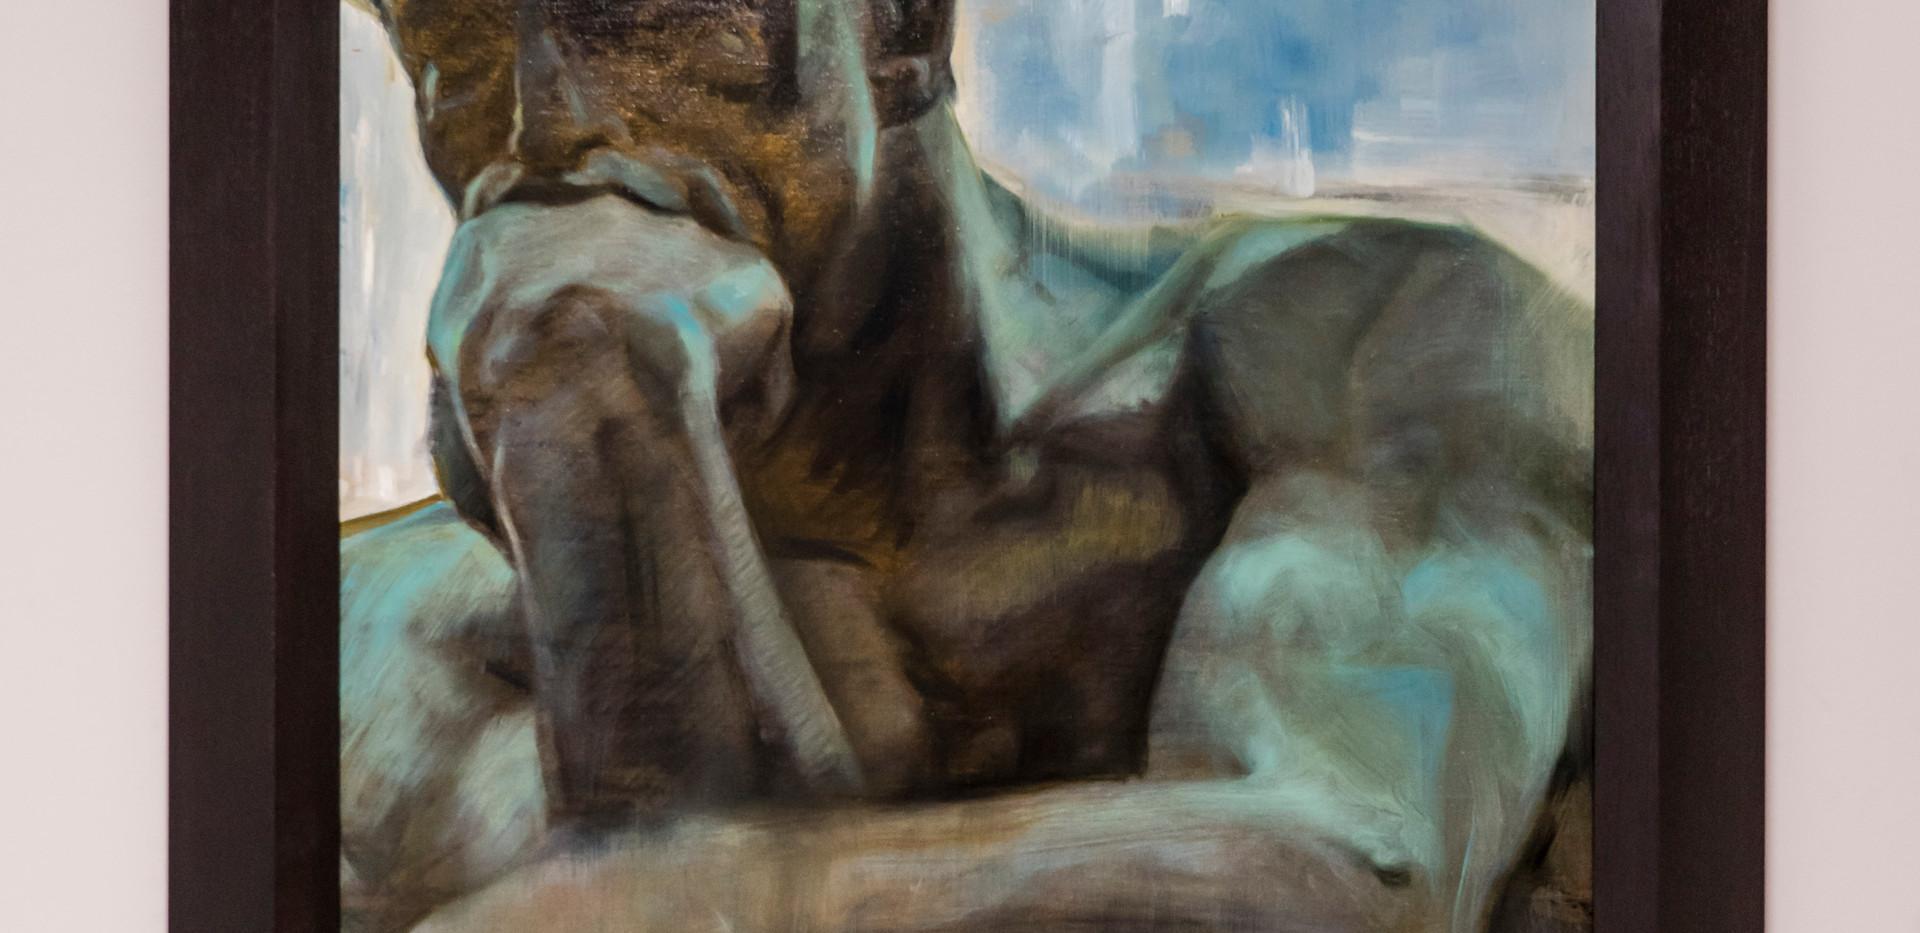 MATTIA MAGNANO - IL PENSATORE DI AUGUST RODIN (olio su tela 70x102)